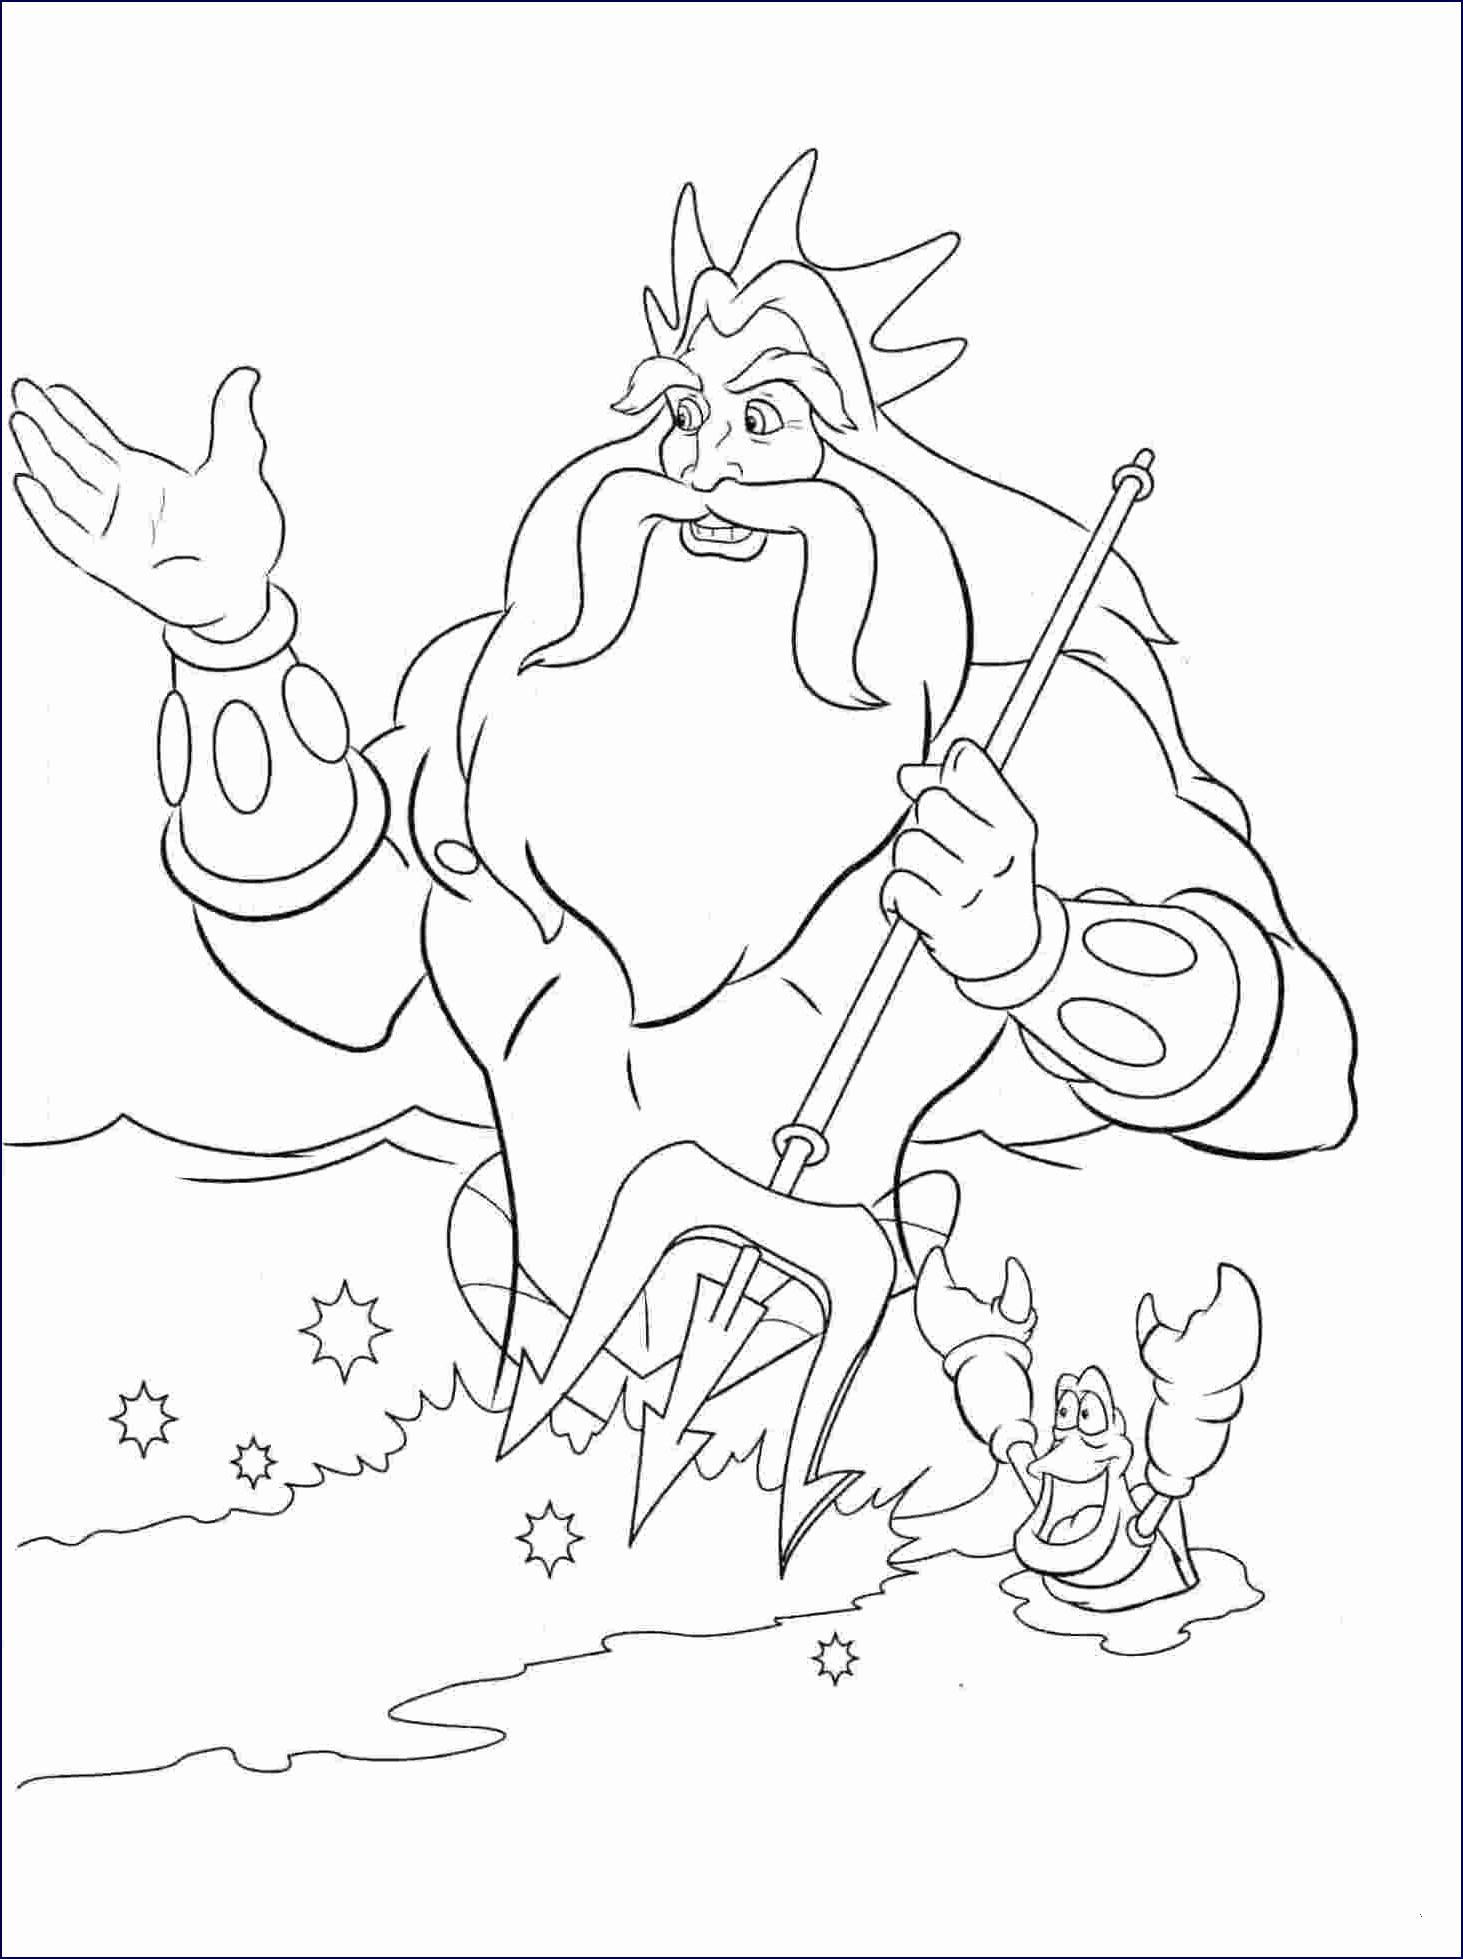 Olaf Frozen Ausmalbilder Genial 24 Luxus Ausmalbilder Olaf – Malvorlagen Ideen Stock